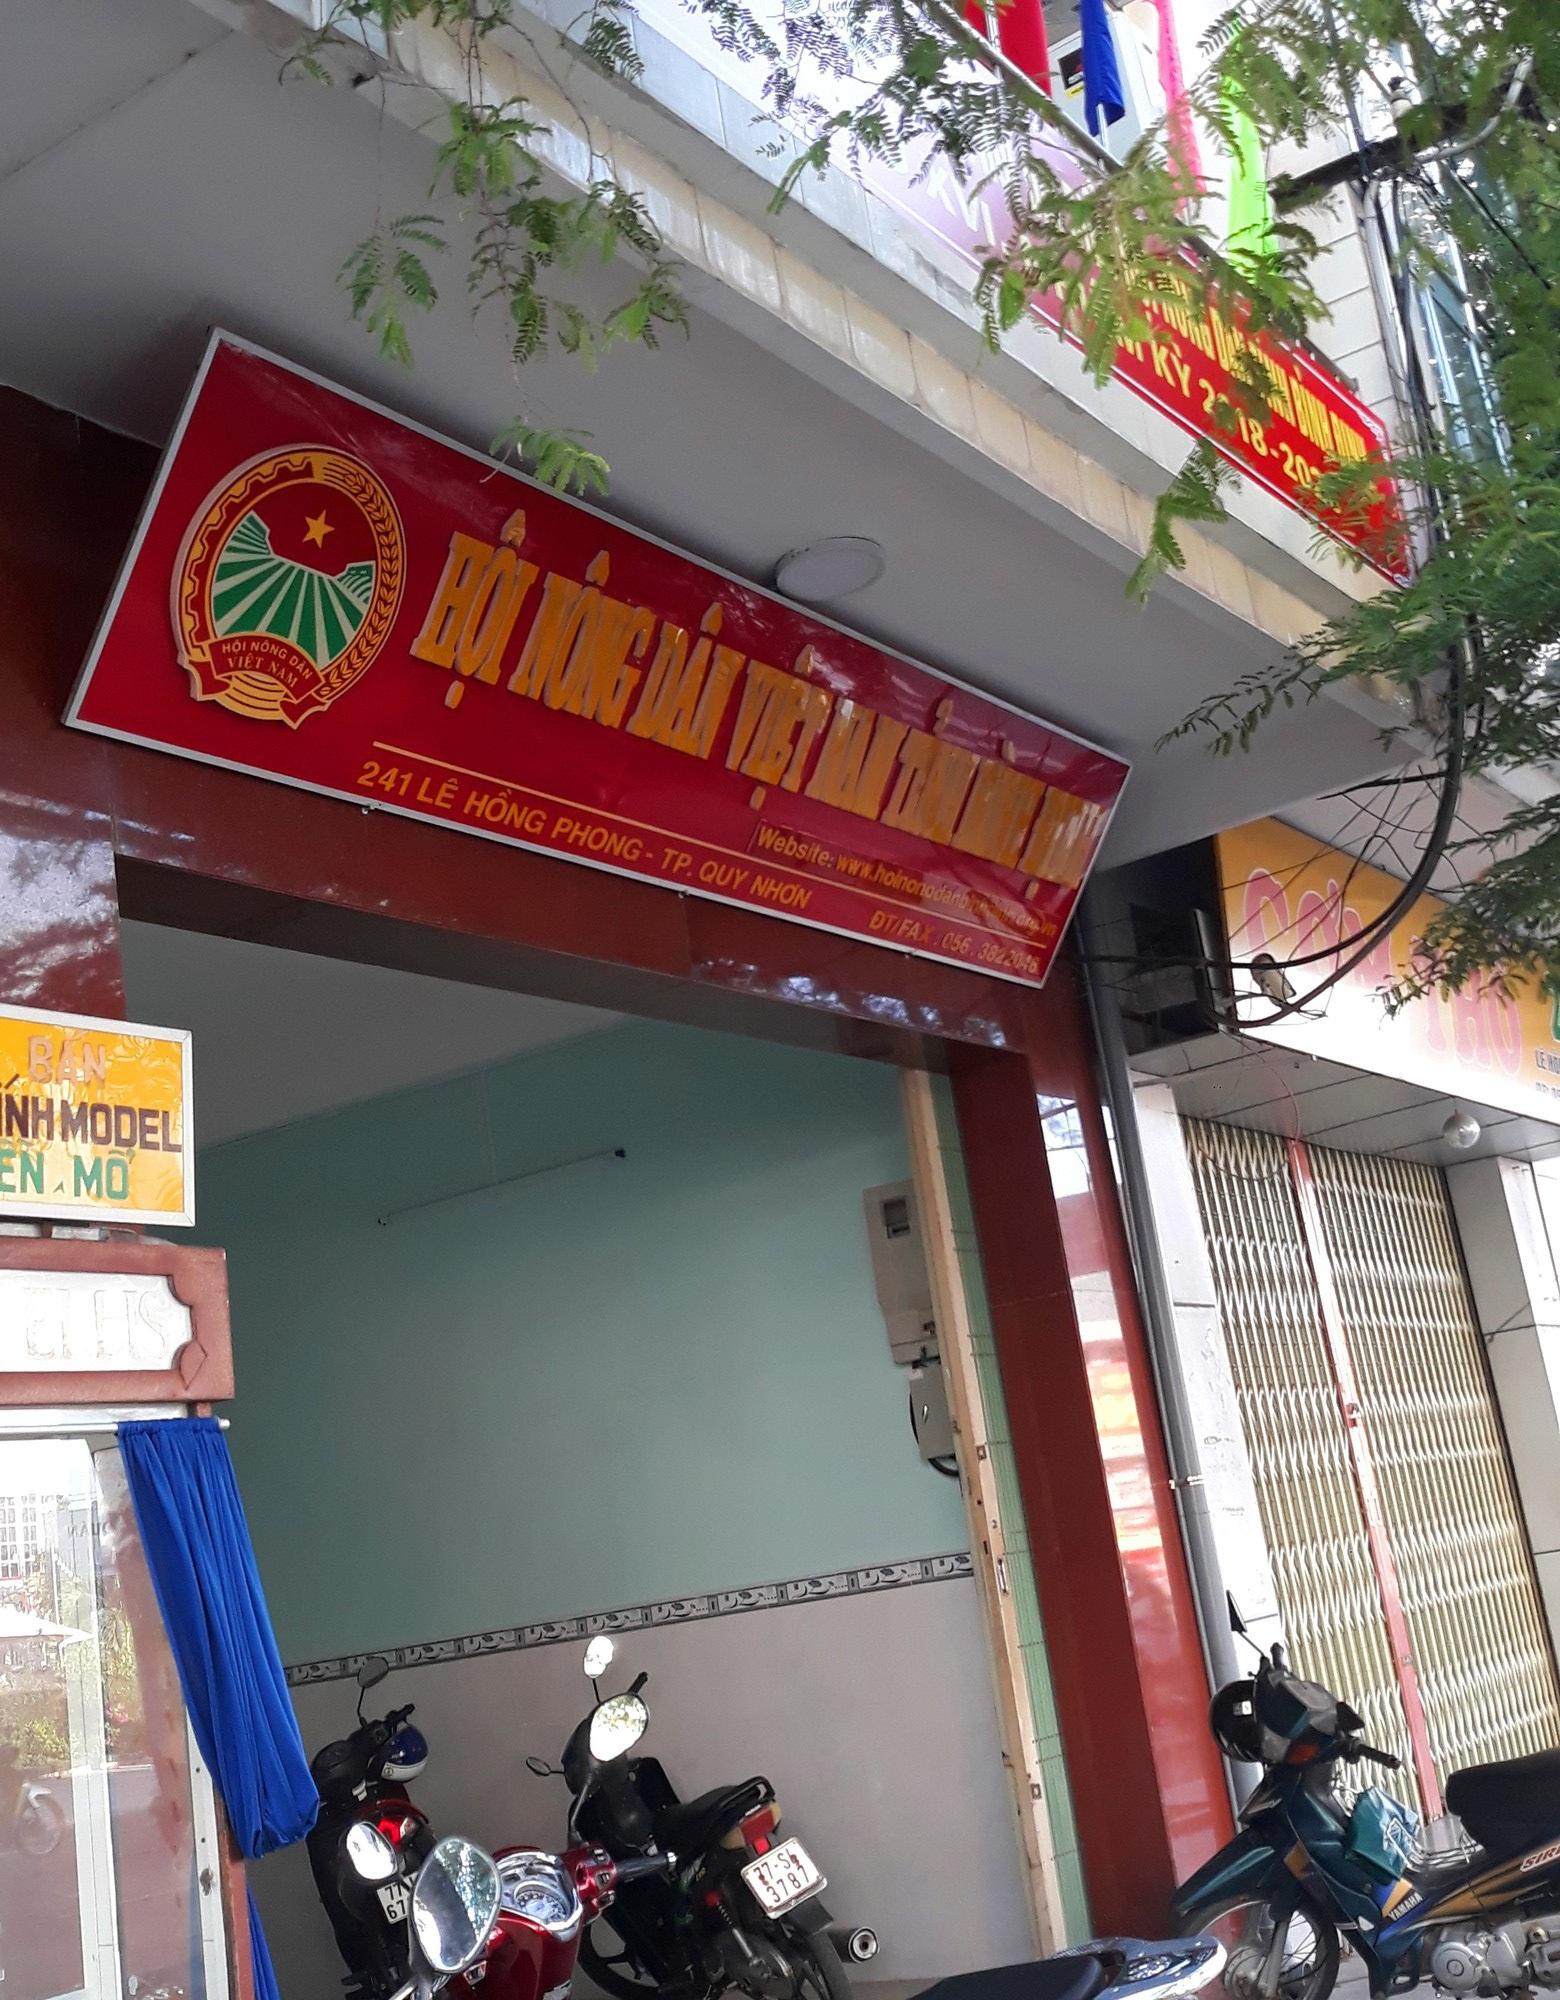 """Chủ tịch Hội Nông dân tỉnh Bình Định chỉ đạo chi tiền Quỹ hội để """"tiếp khách"""" - Ảnh 1."""